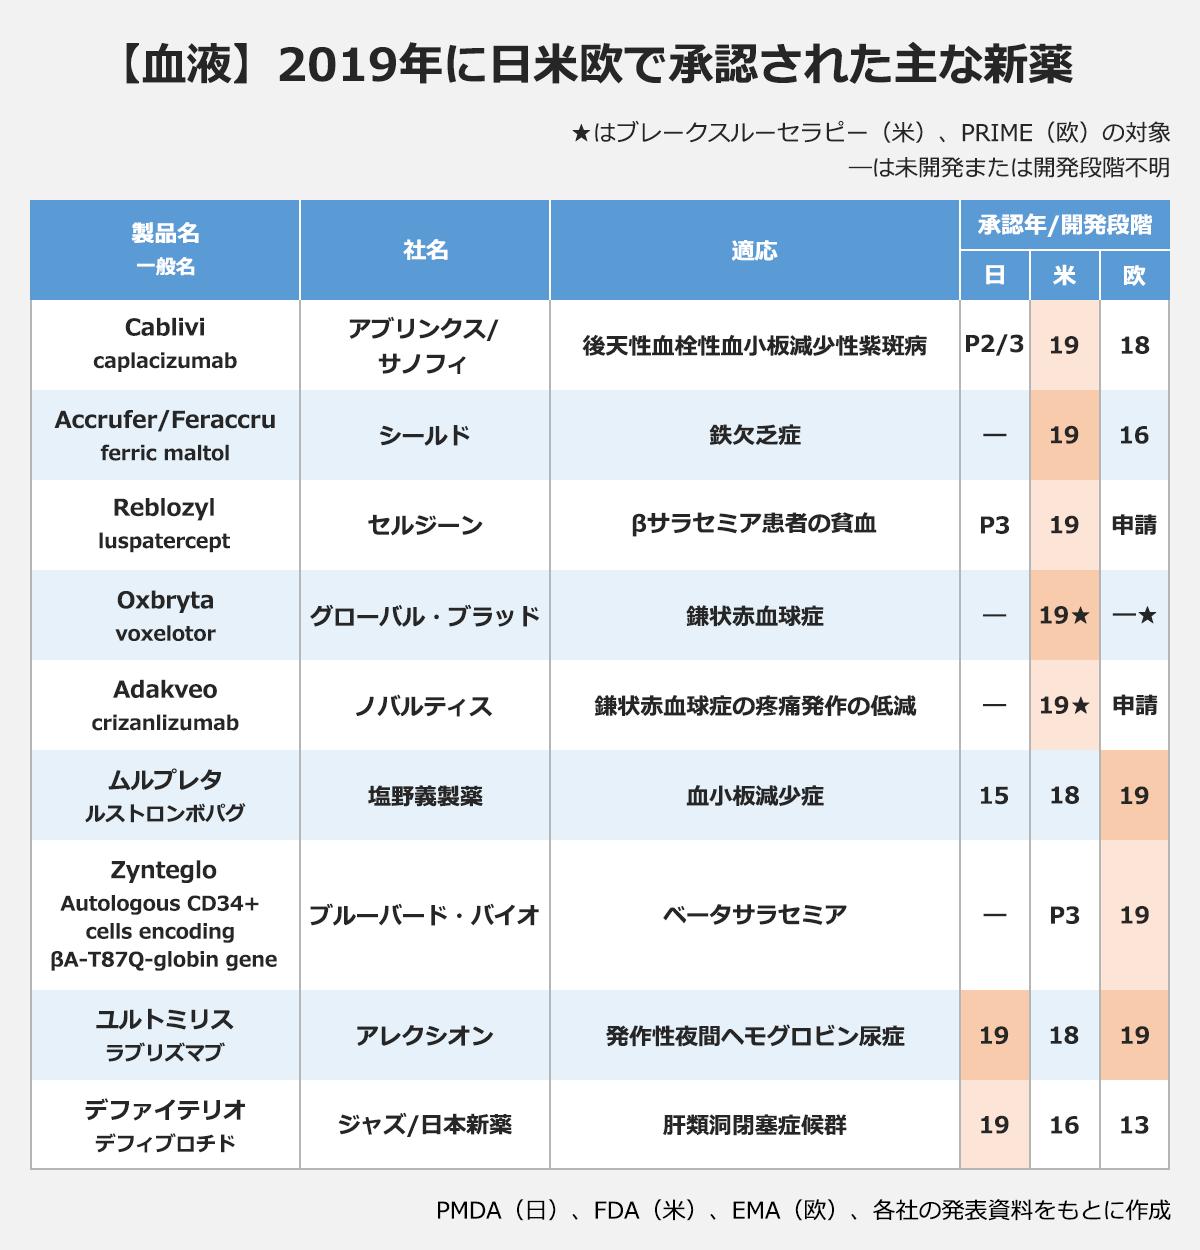 【血液】2019年に日米欧で承認された主な新薬(★はブレークスルーセラピー(米)、PRIME(欧)の対象。―は未開発または開発段階不明)(製品名(一般名)/社名/適応/承認年/開発段階(日・米・欧): Cablivi(caplacizumab)/アブリンクス/サノフィ/後天性血栓性血小板減少性紫斑病/P2/3・19・18 |Accrufer/Feraccru (ferric maltol)/シールド/鉄欠乏症/―・19・16 |Reblozyl(luspatercept)/セルジーン/ベータサラセミア/P3・19・申請 |Oxbryta(voxelotor)/グローバル・ブラッド/鎌状赤血球症/―・19★・―★ |Adakveo(crizanlizumab)/ノバルティス/鎌状赤血球症の疼痛発作の低減/―・19★・申請 |ムルプレタ(ルストロンボパグ)/塩野義製薬/血小板減少症/15・18・19 |Zynteglo(Autologous)/CD34+ cells encoding βA-T87Q-globin gene/ブルーバード・バイオ/ベータサラセミア/―・P3・19 |ユルトミリス(ラブリズマブ)/アレクシオン/発作性夜間ヘモグロビン尿症/19・18・19 |デファイテリオ(デフィブロチド)/ジャズ/日本新薬/肝類洞閉塞症候群/19・16・13 |※PMDA(日)、FDA(米)、EMA(欧)、各社の発表資料をもとに作成